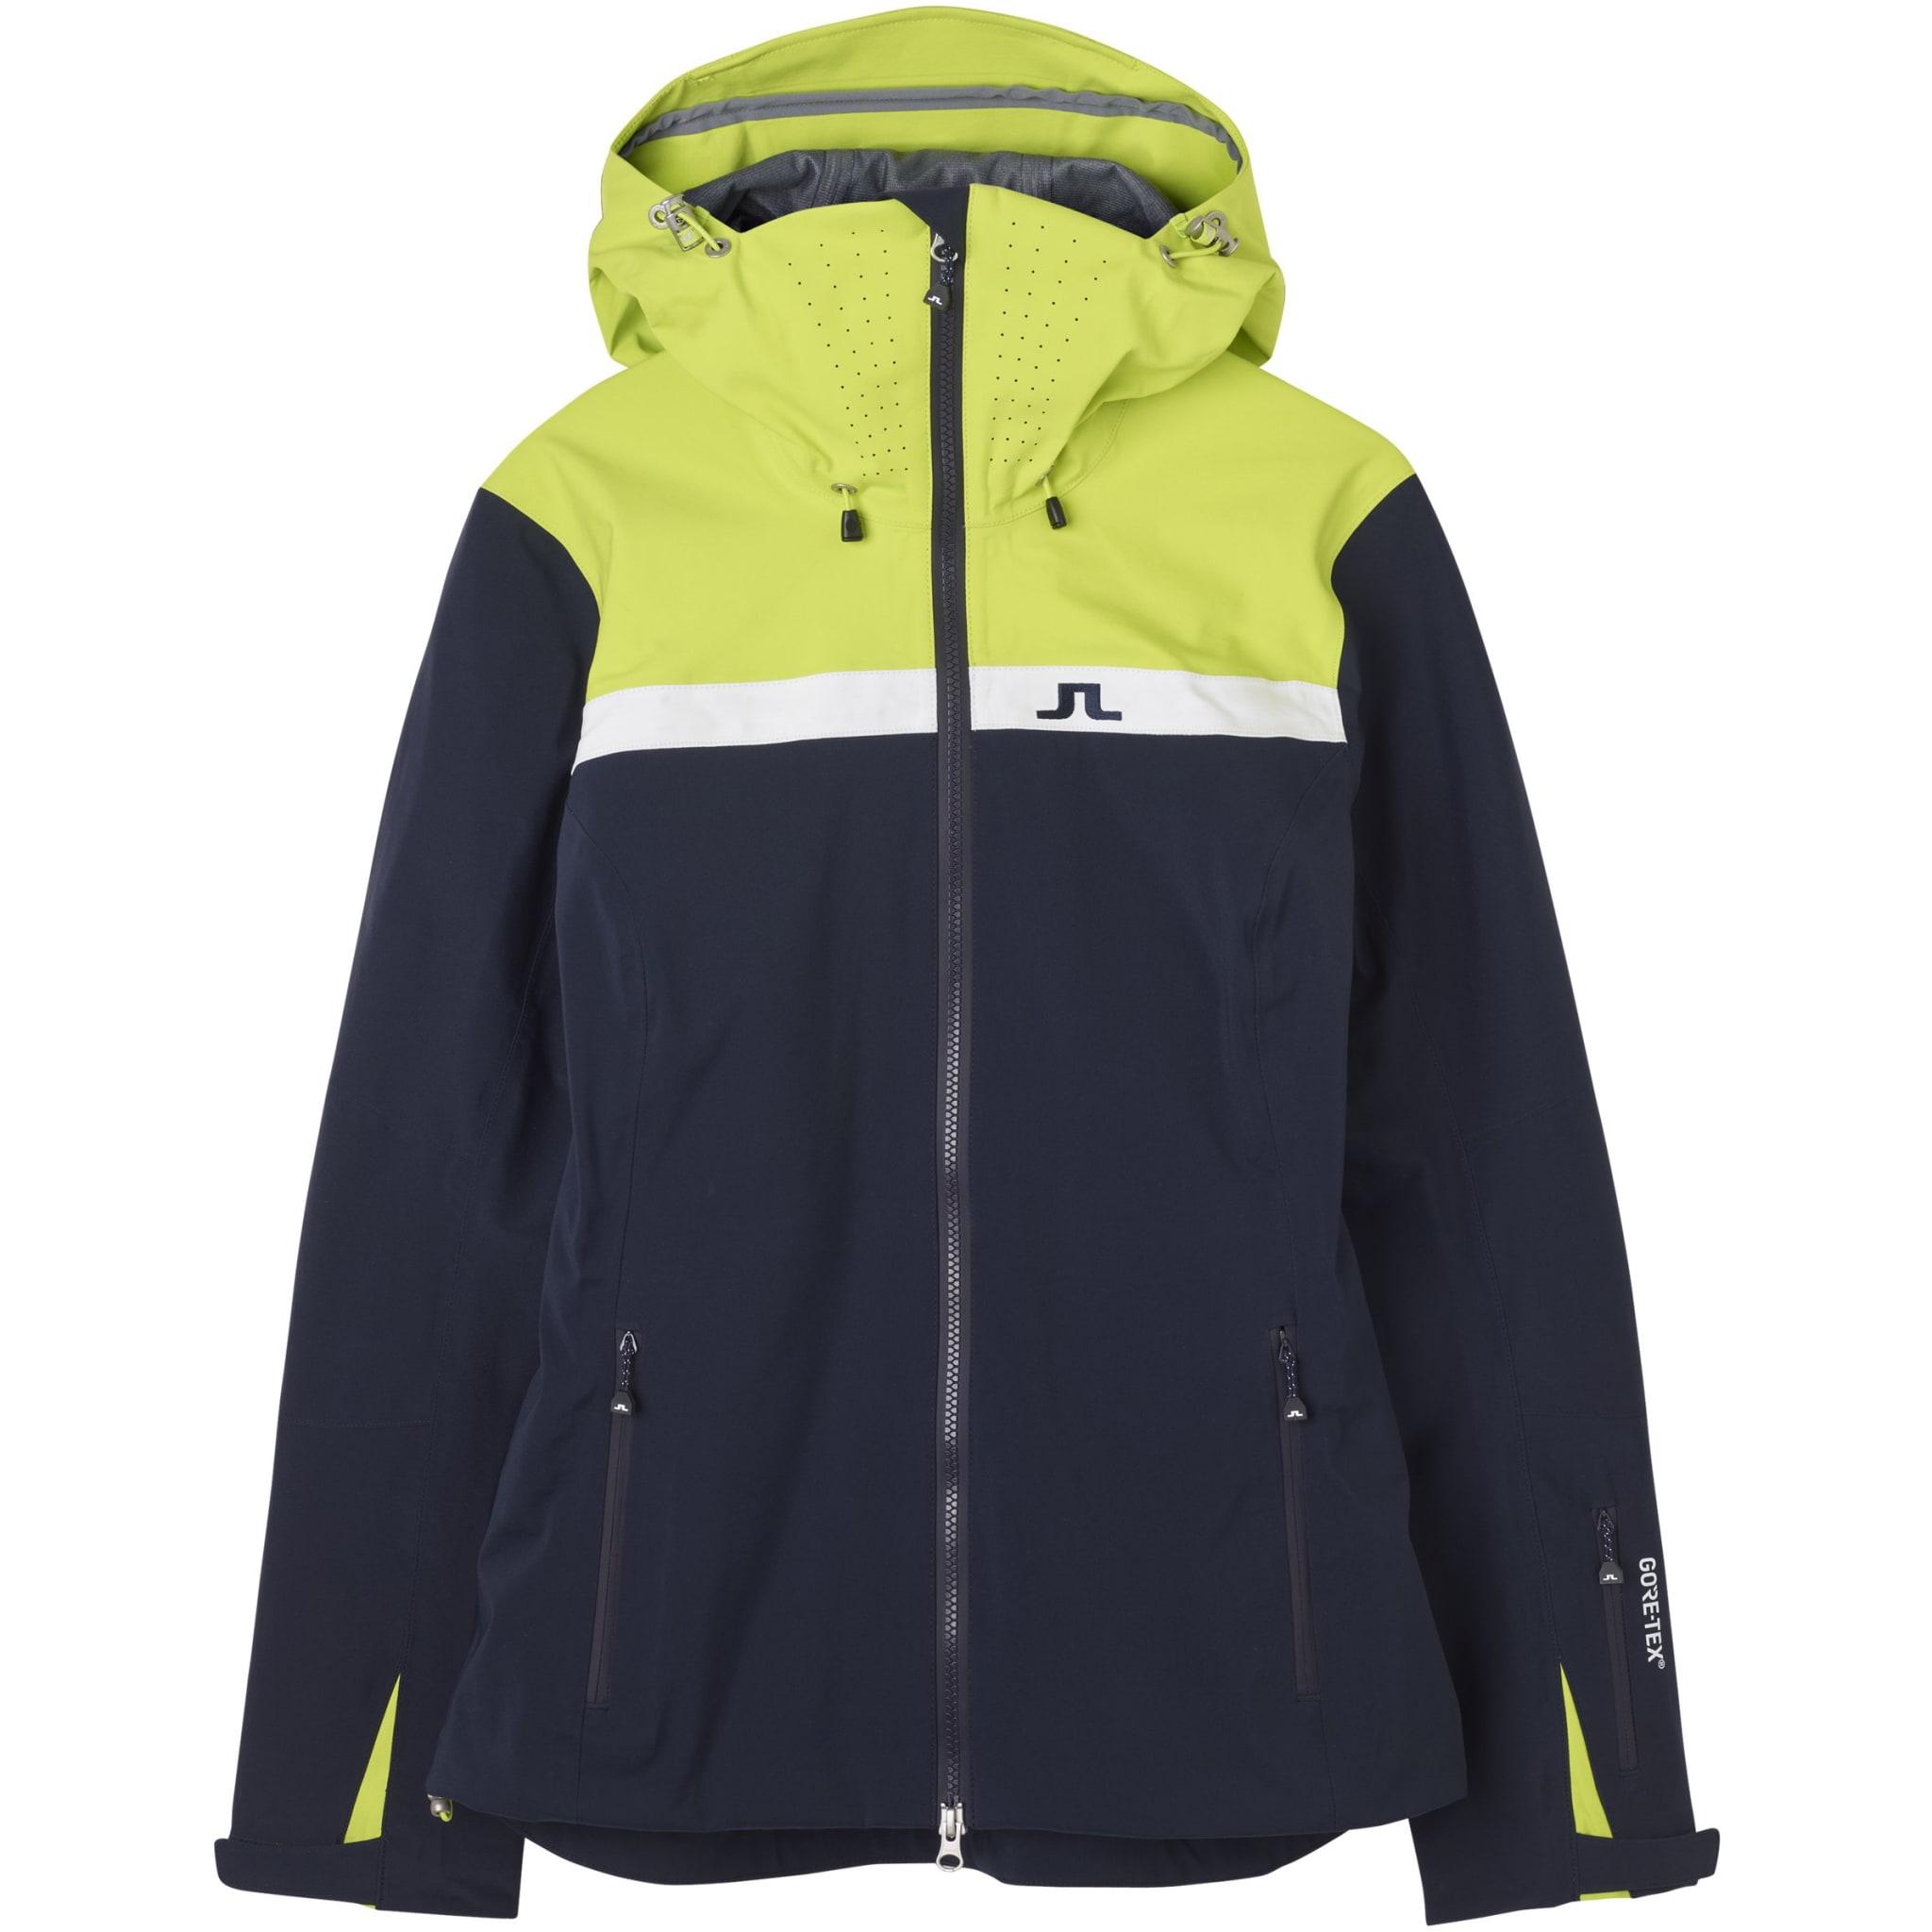 Harper Jacket 3L GoreTex W